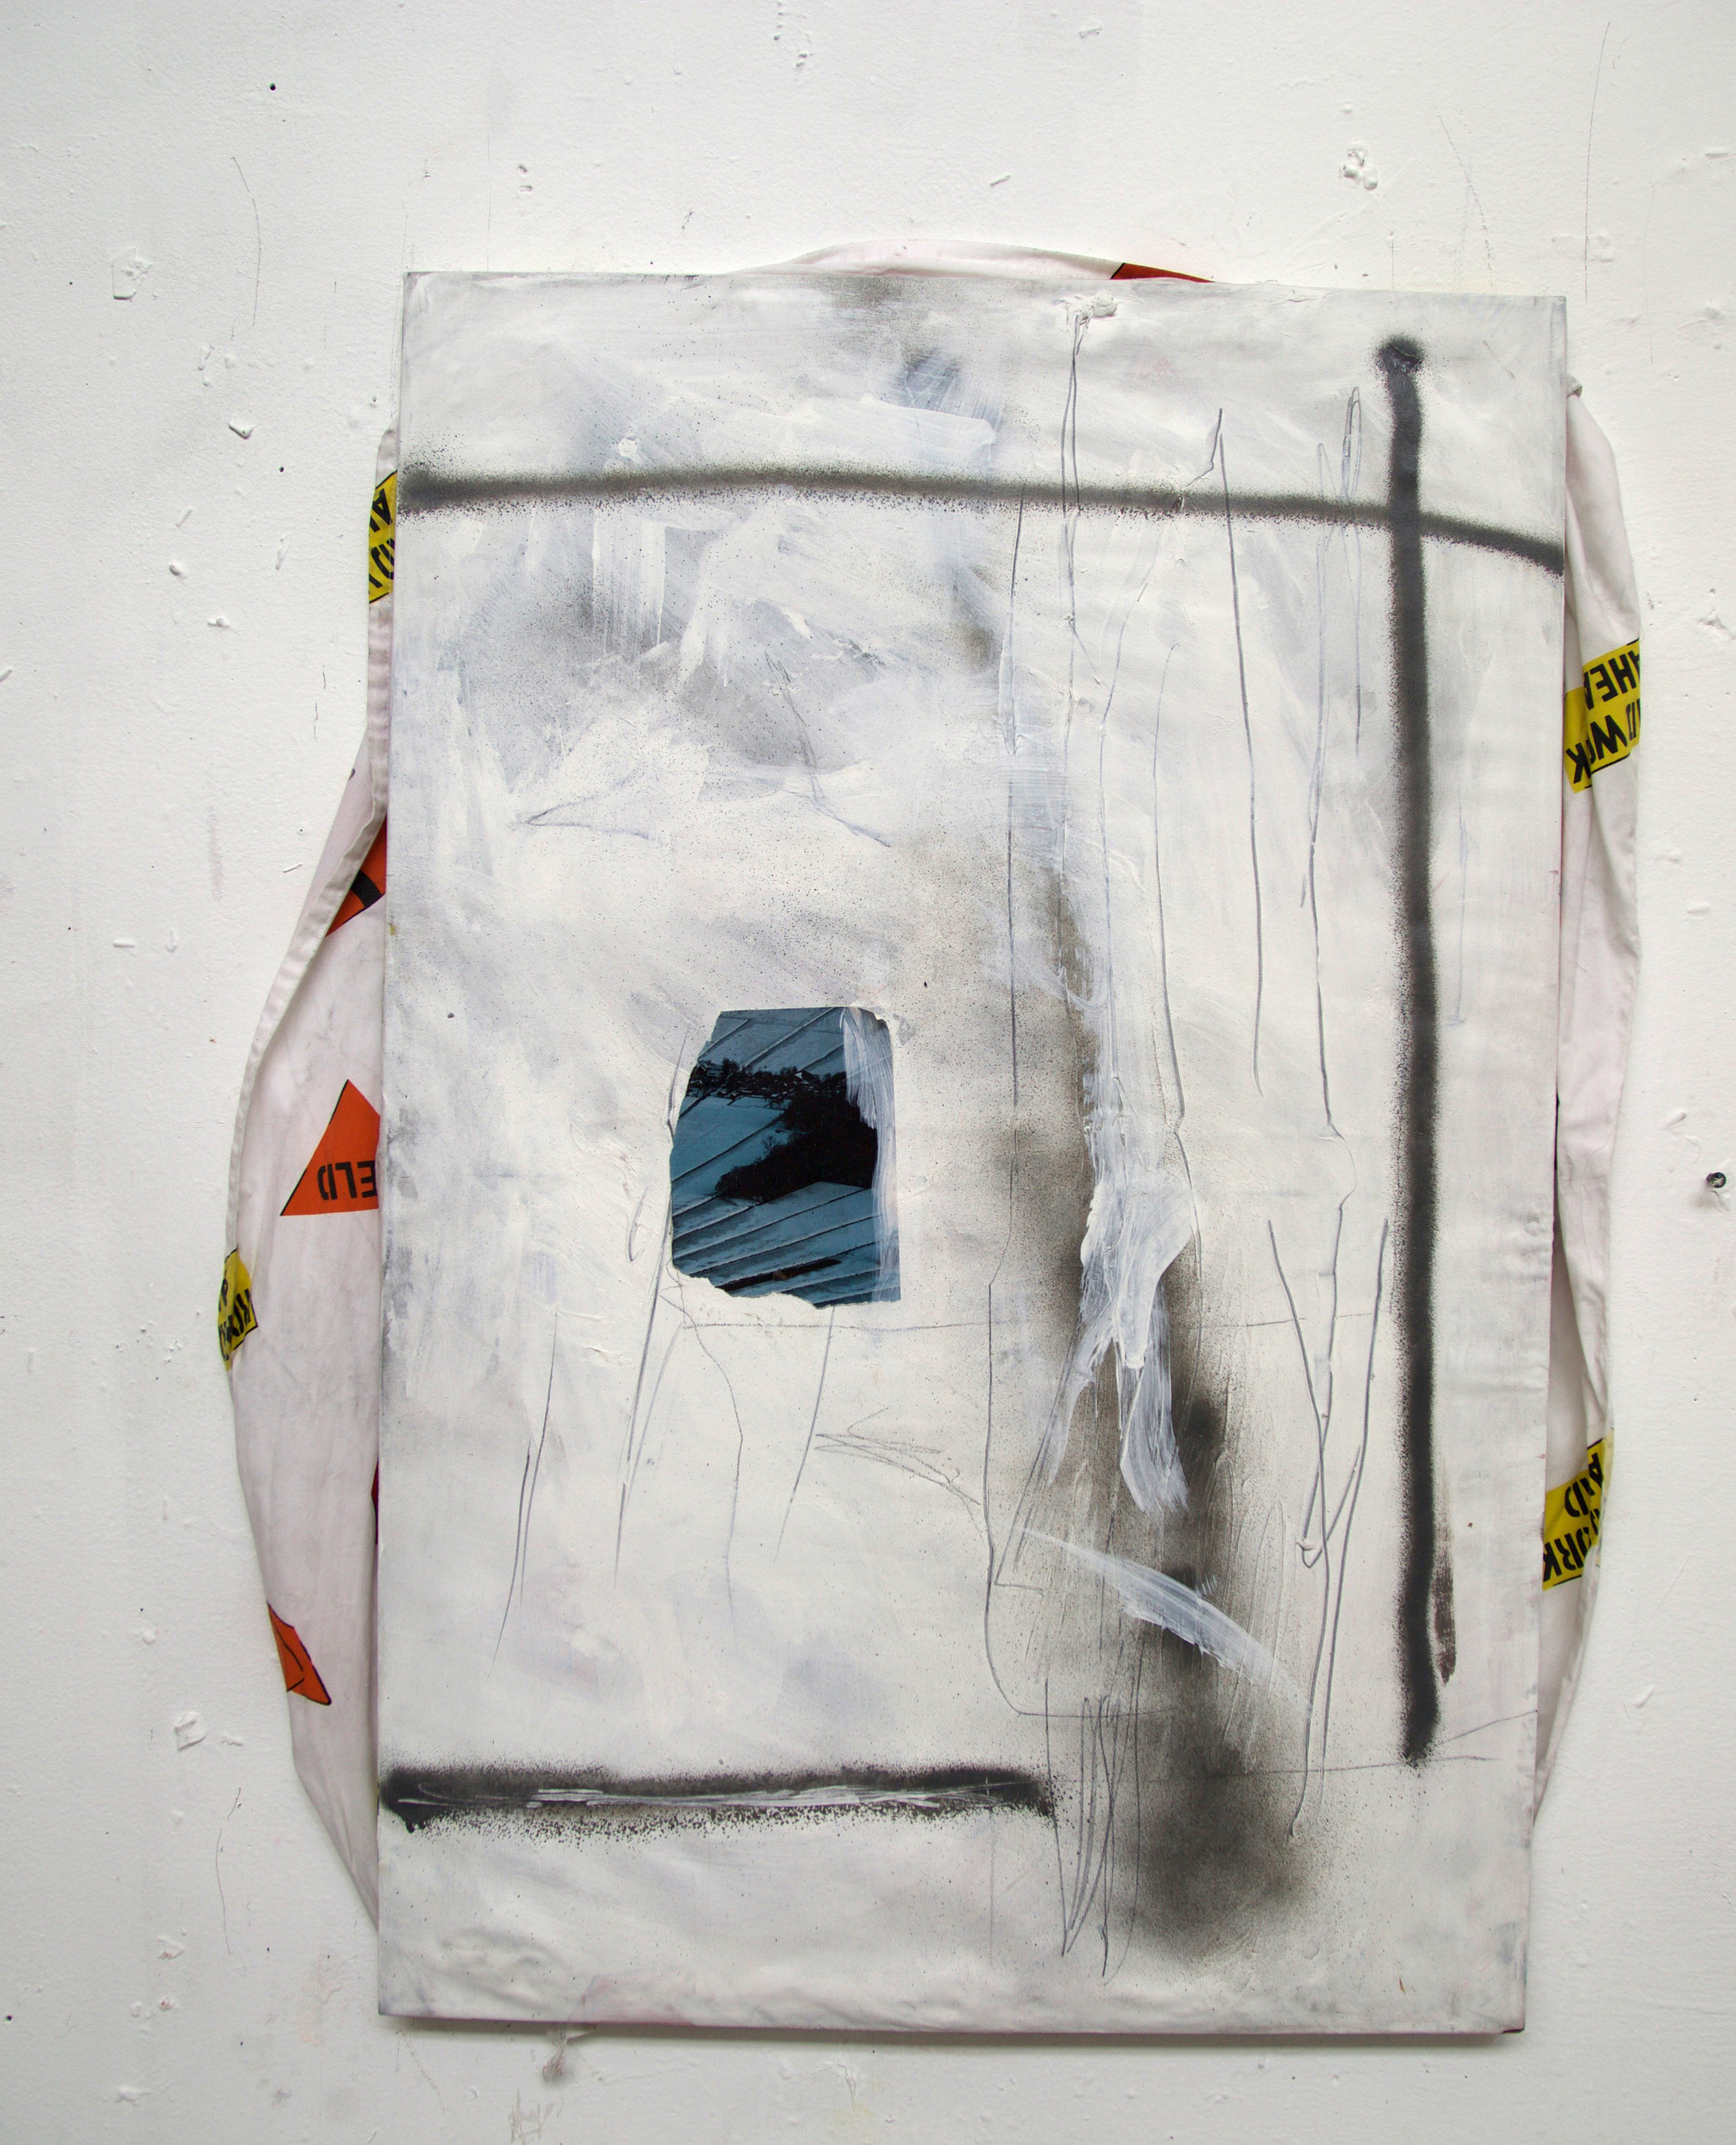 wet blanket, 2015